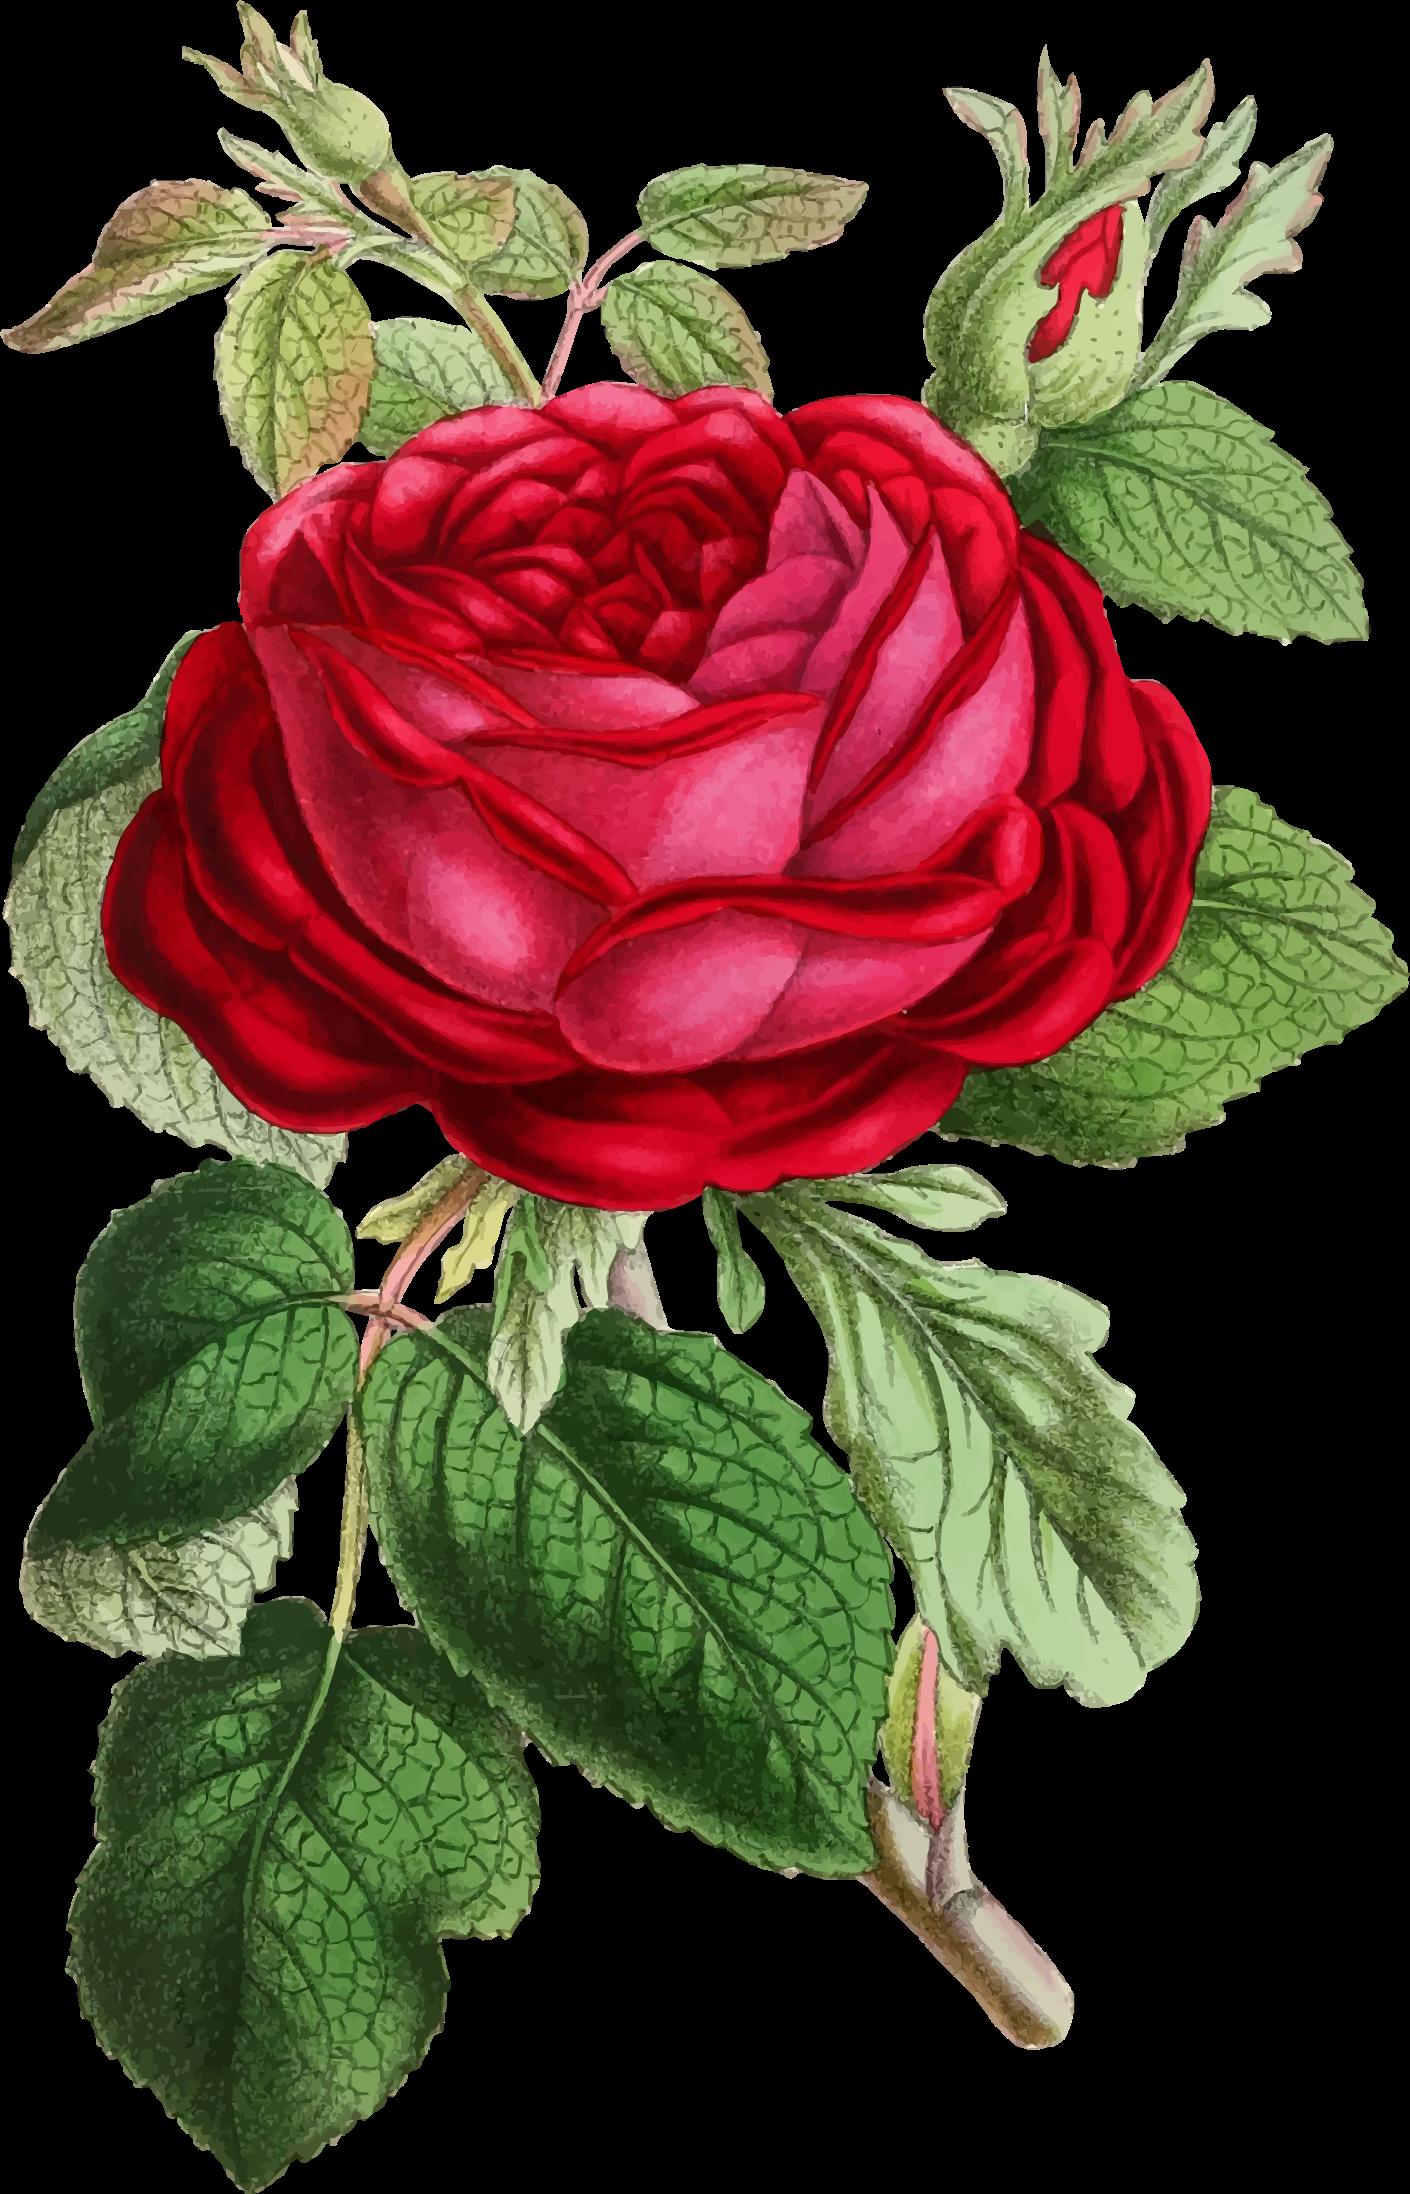 Clipart roses illustration. Vintage rose big image